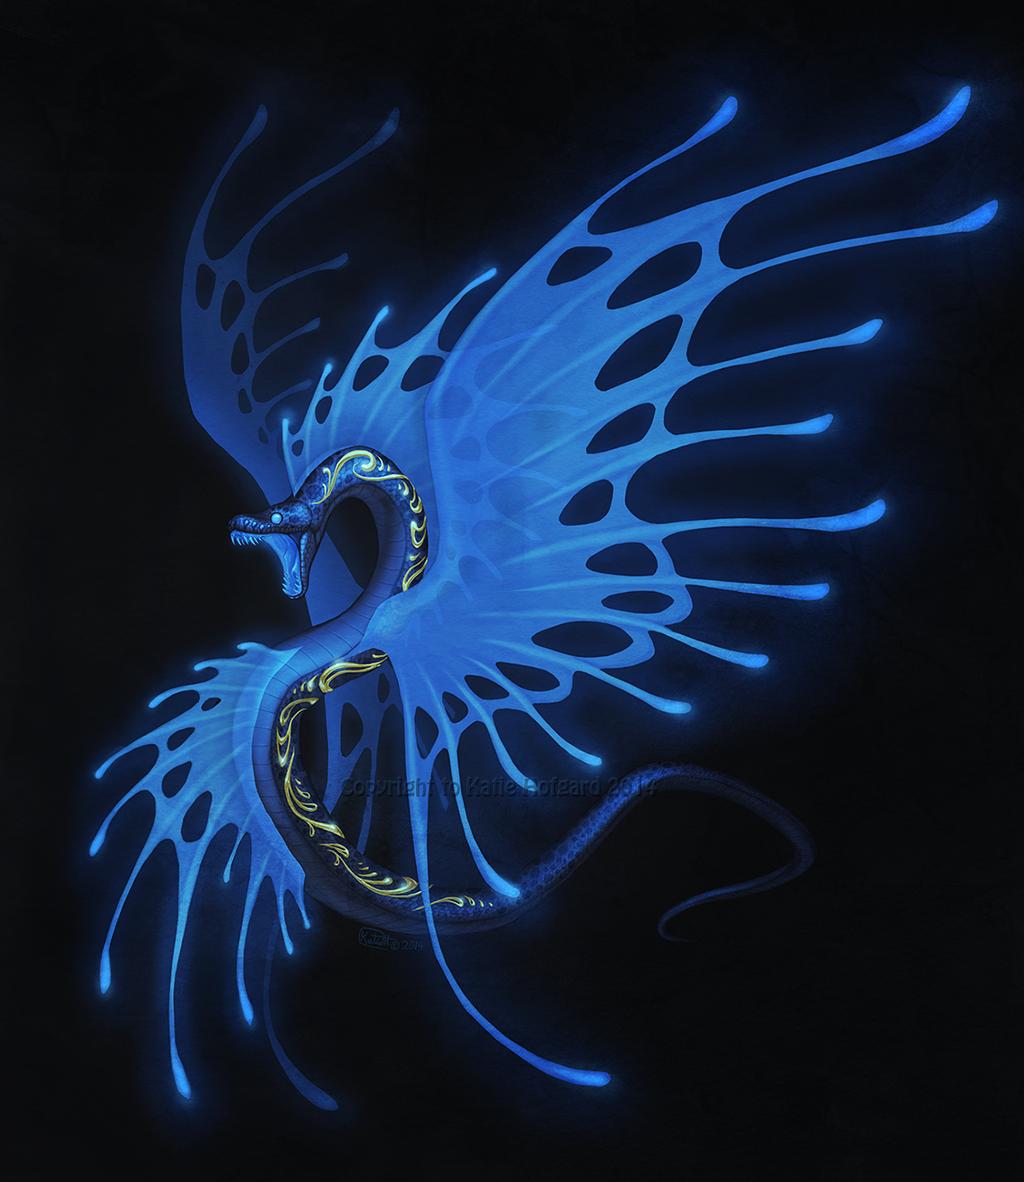 Serpentine Divine by KatieHofgard